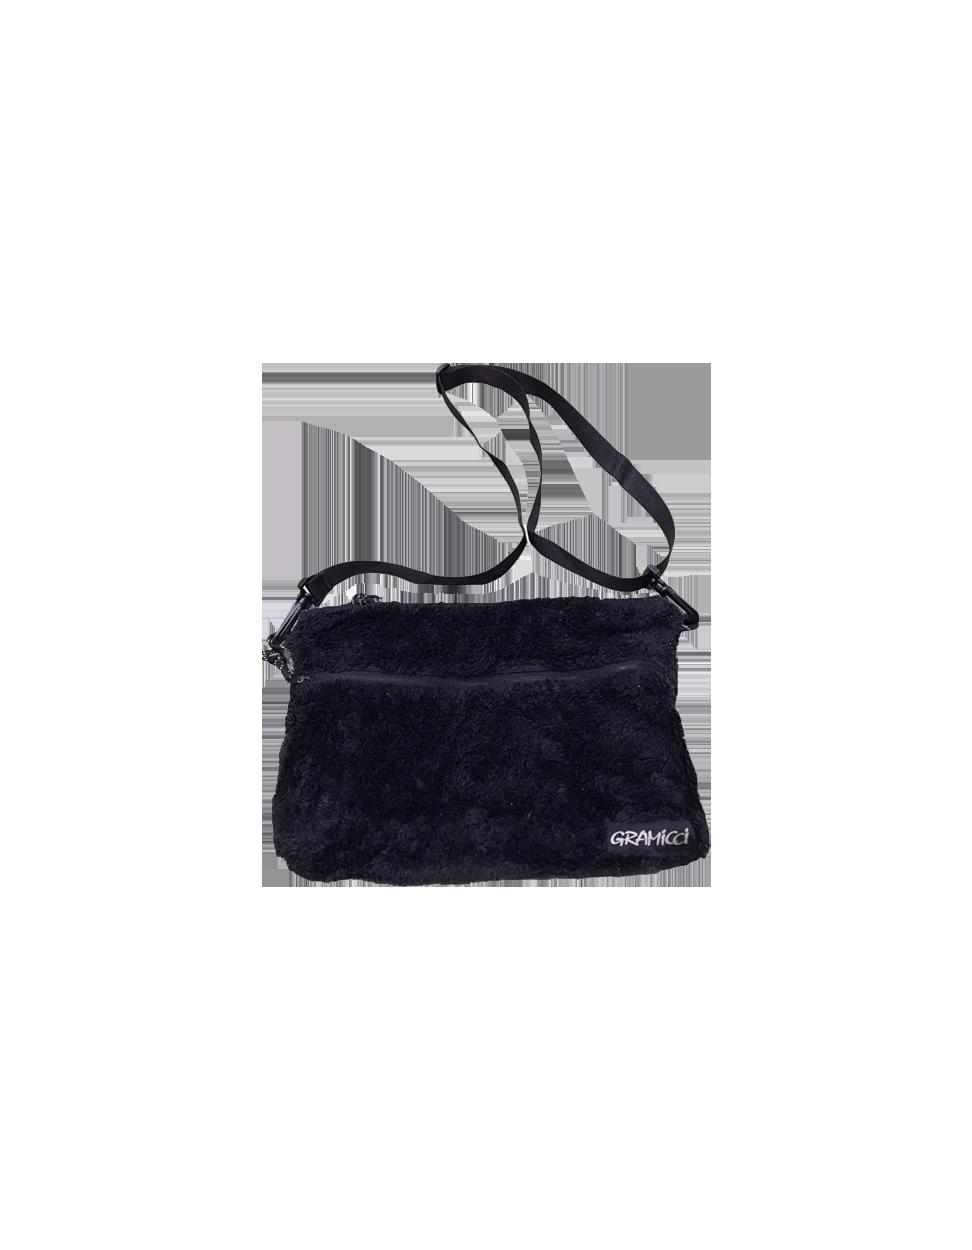 Gramicci Sling Bag